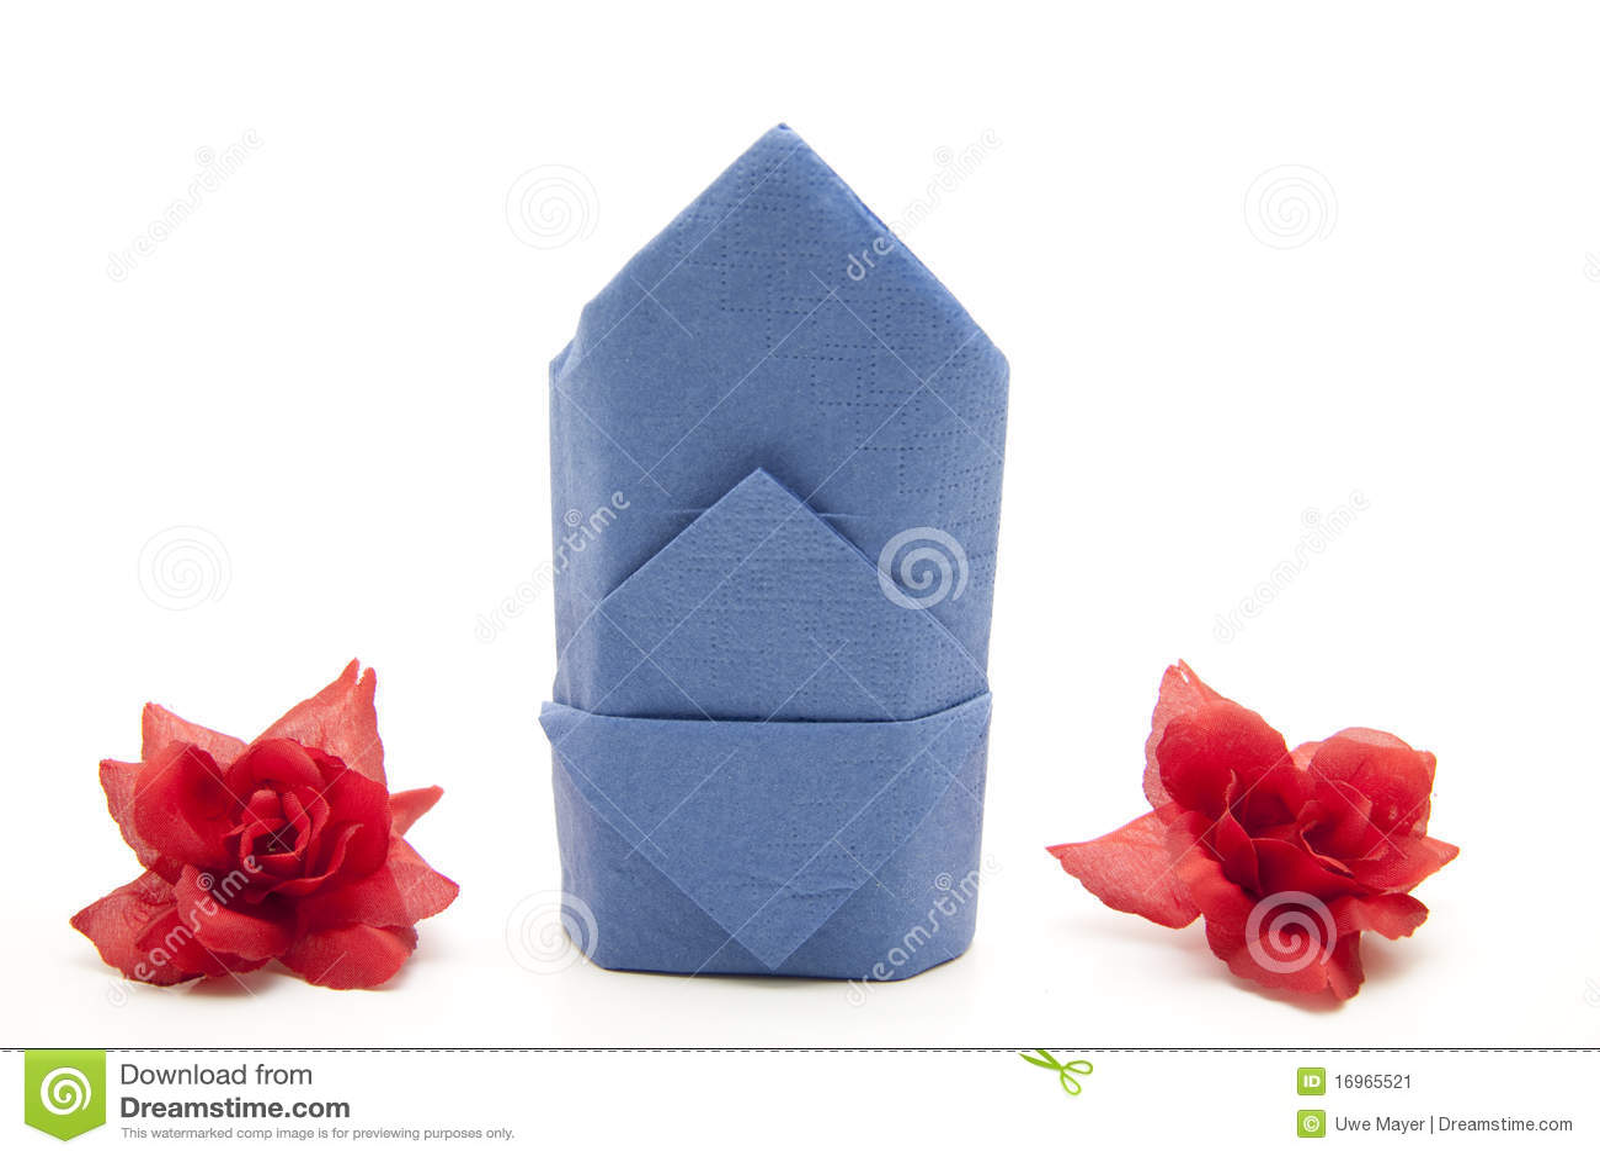 Napkin Folded With Rose Stock Image Image Of Folded 16965521